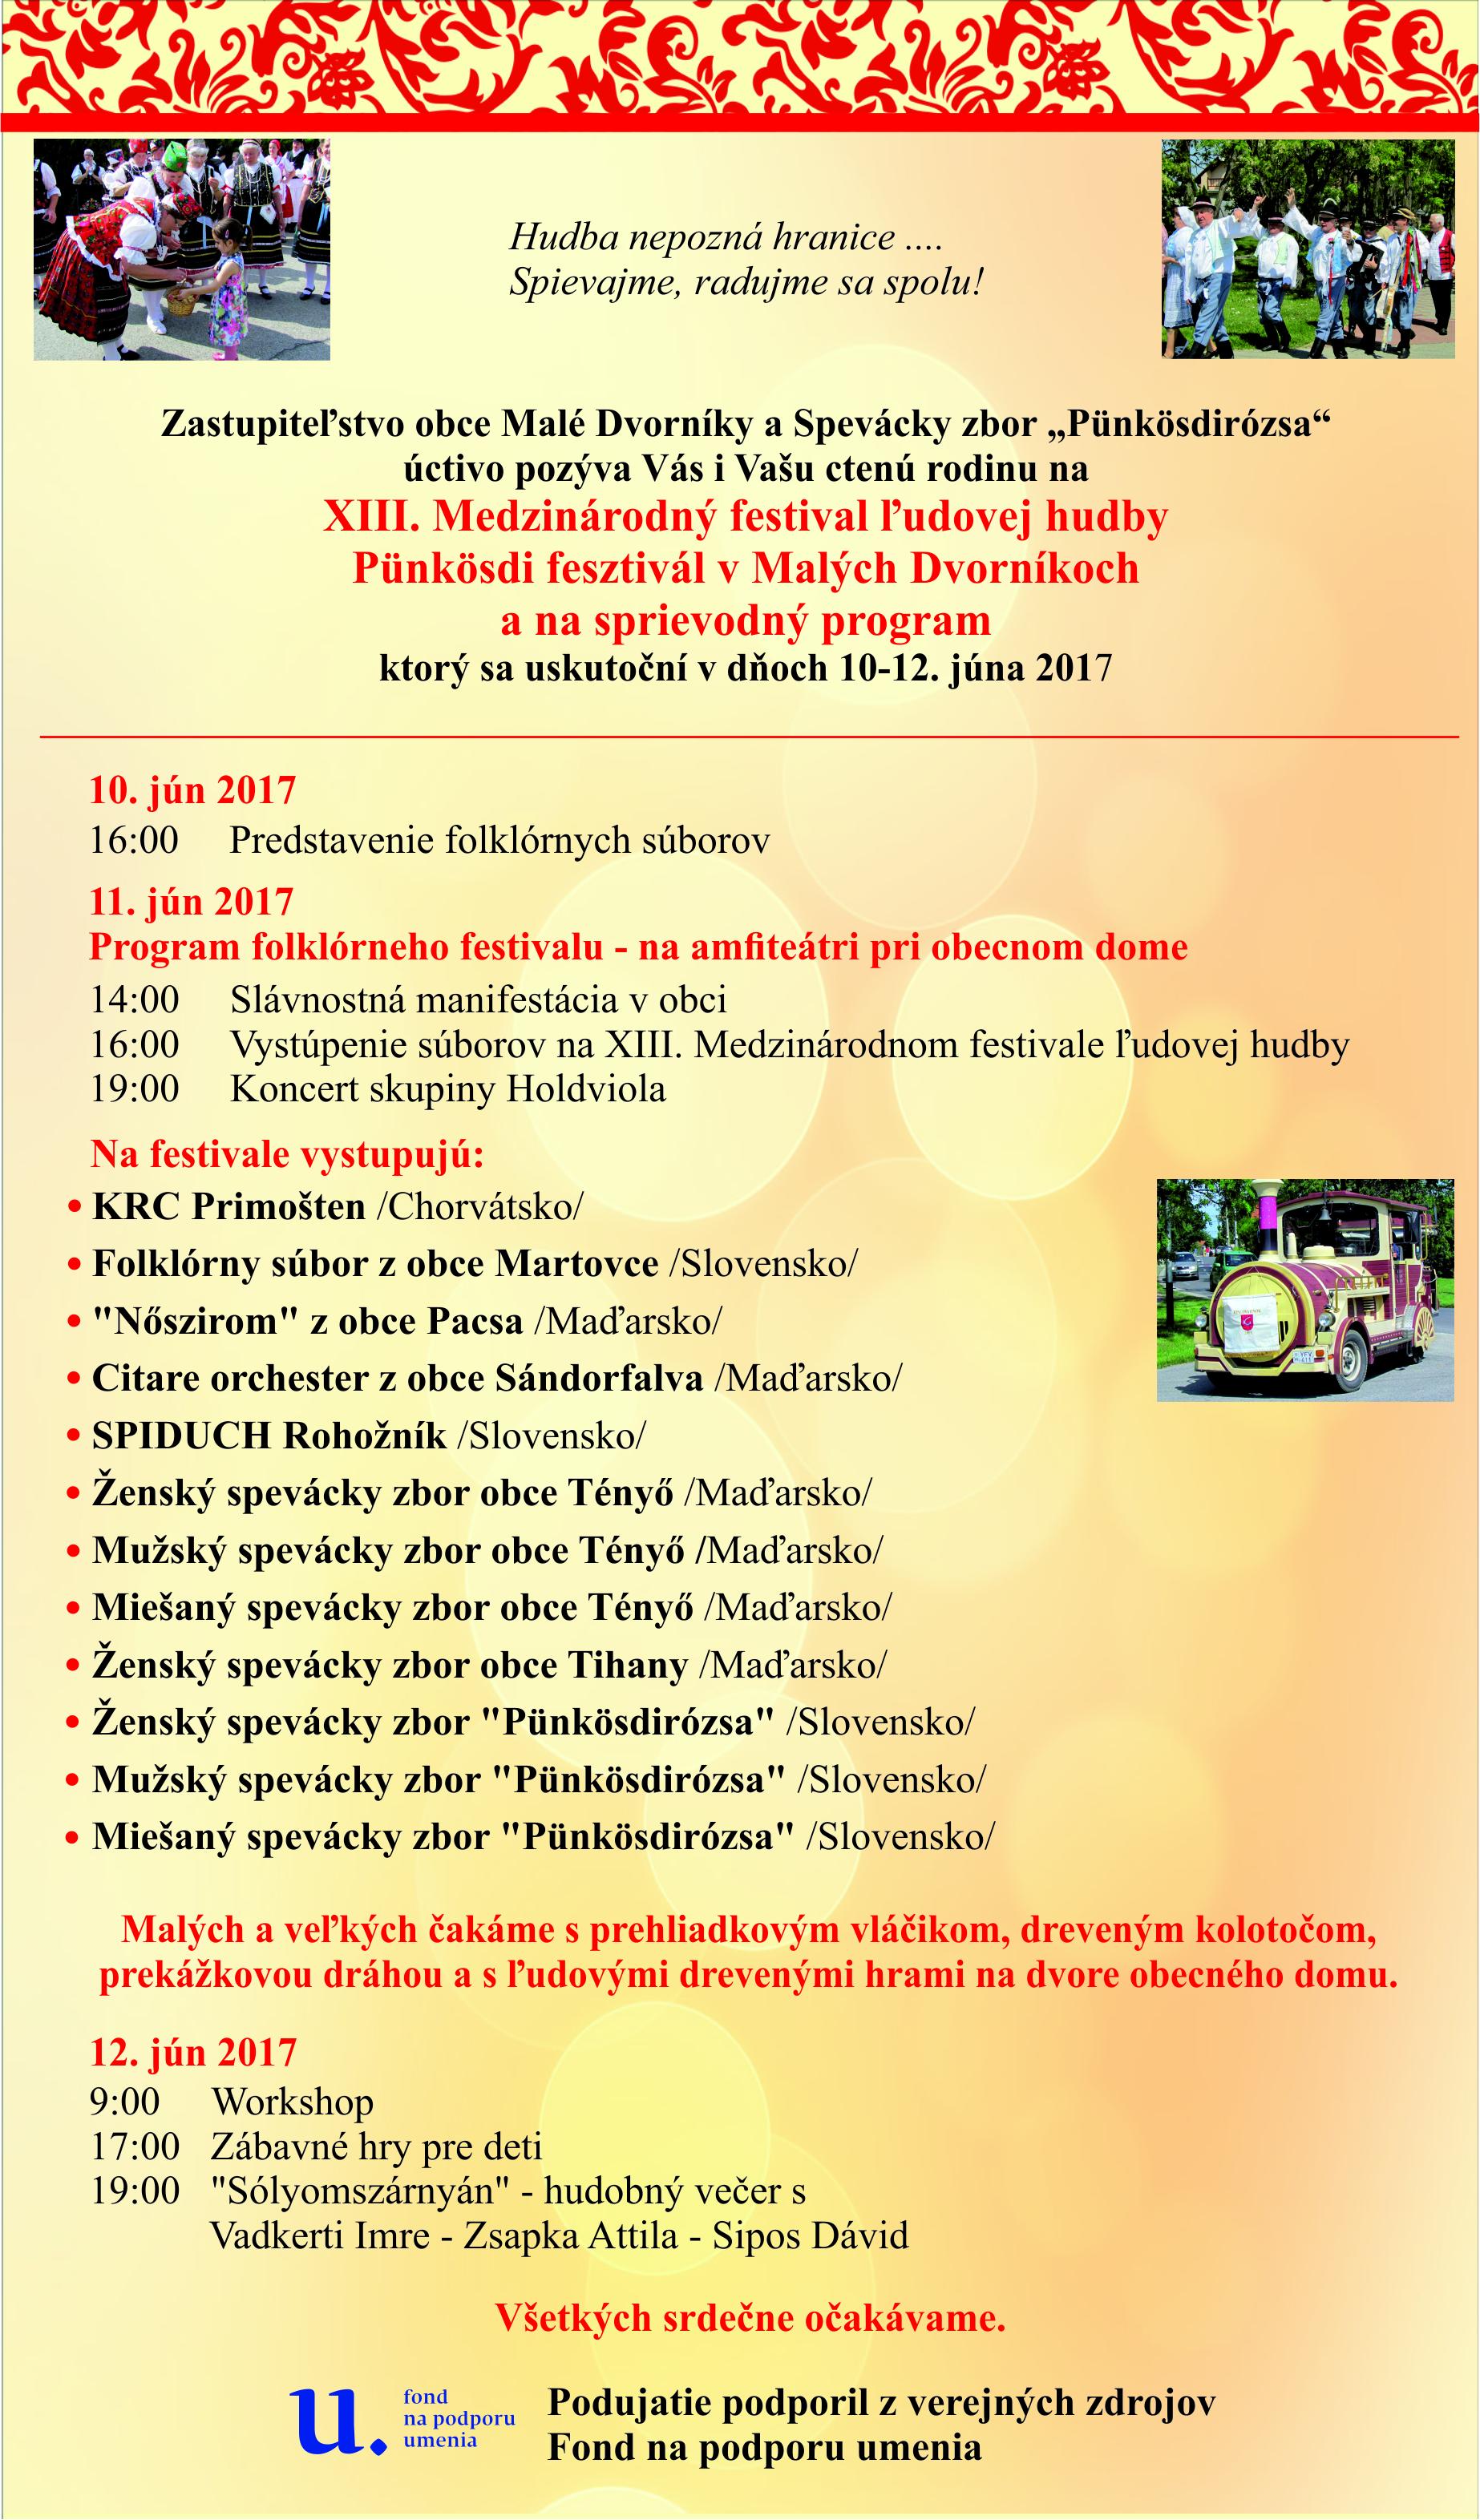 39bdd6876 Pozvánka na XIII. Medzinárodný festival ľudovej hudby | Malé Dvorníky